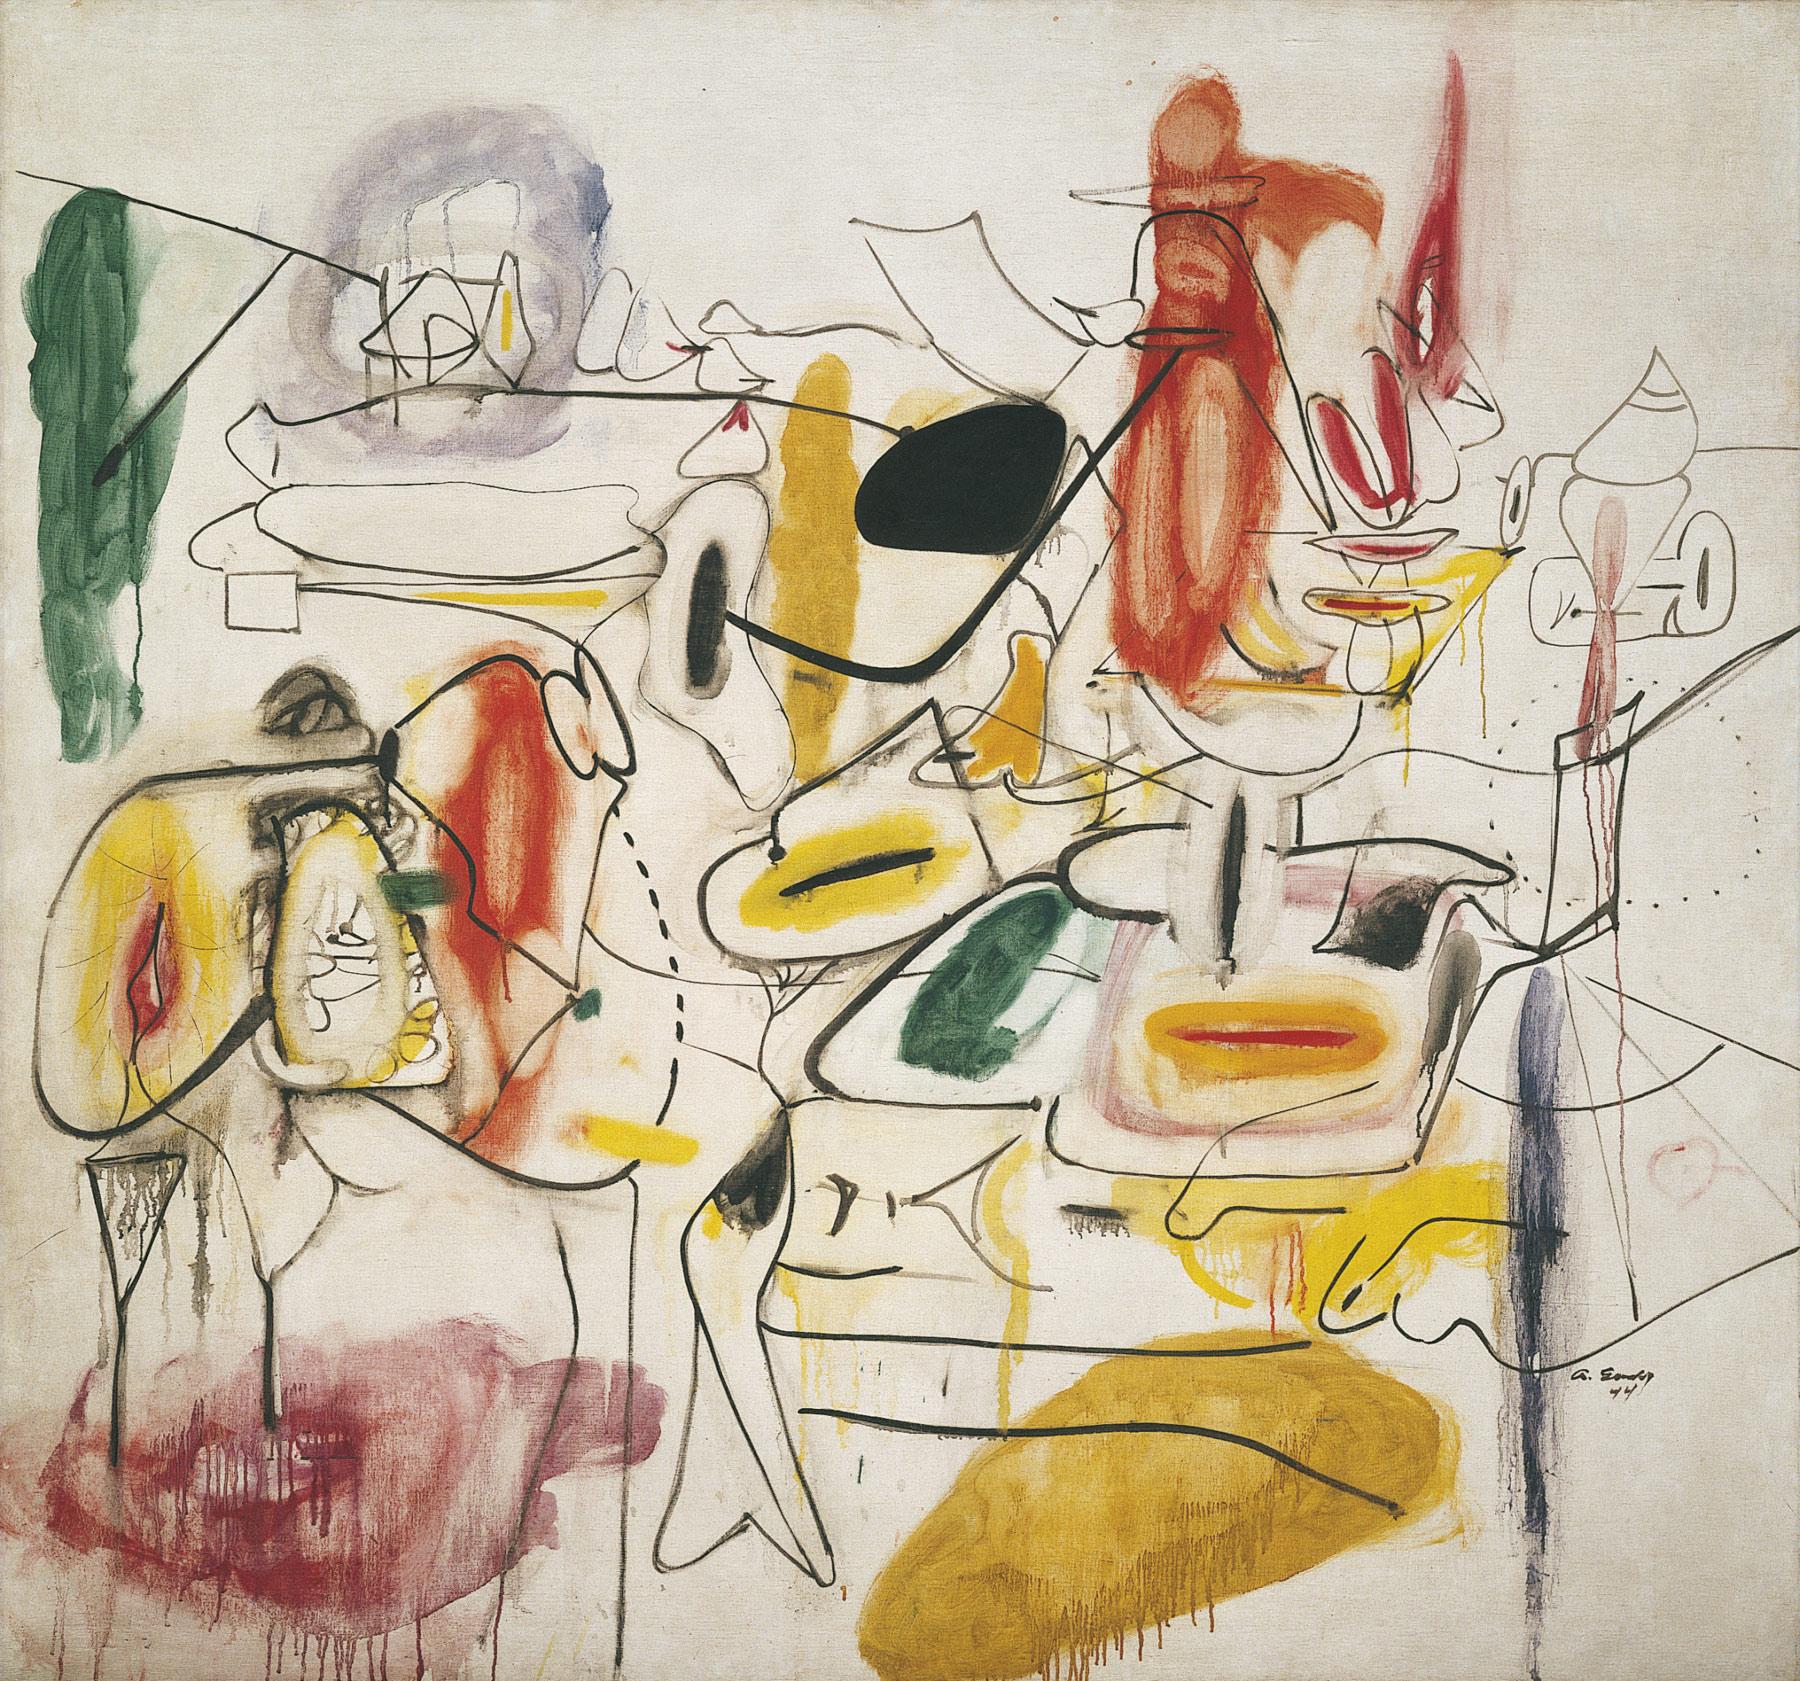 Arshile Gorky, Senza titolo (estate 1944; olio su tela, 167 x 178,2 cm; Venezia, Collezione Peggy Guggenheim)